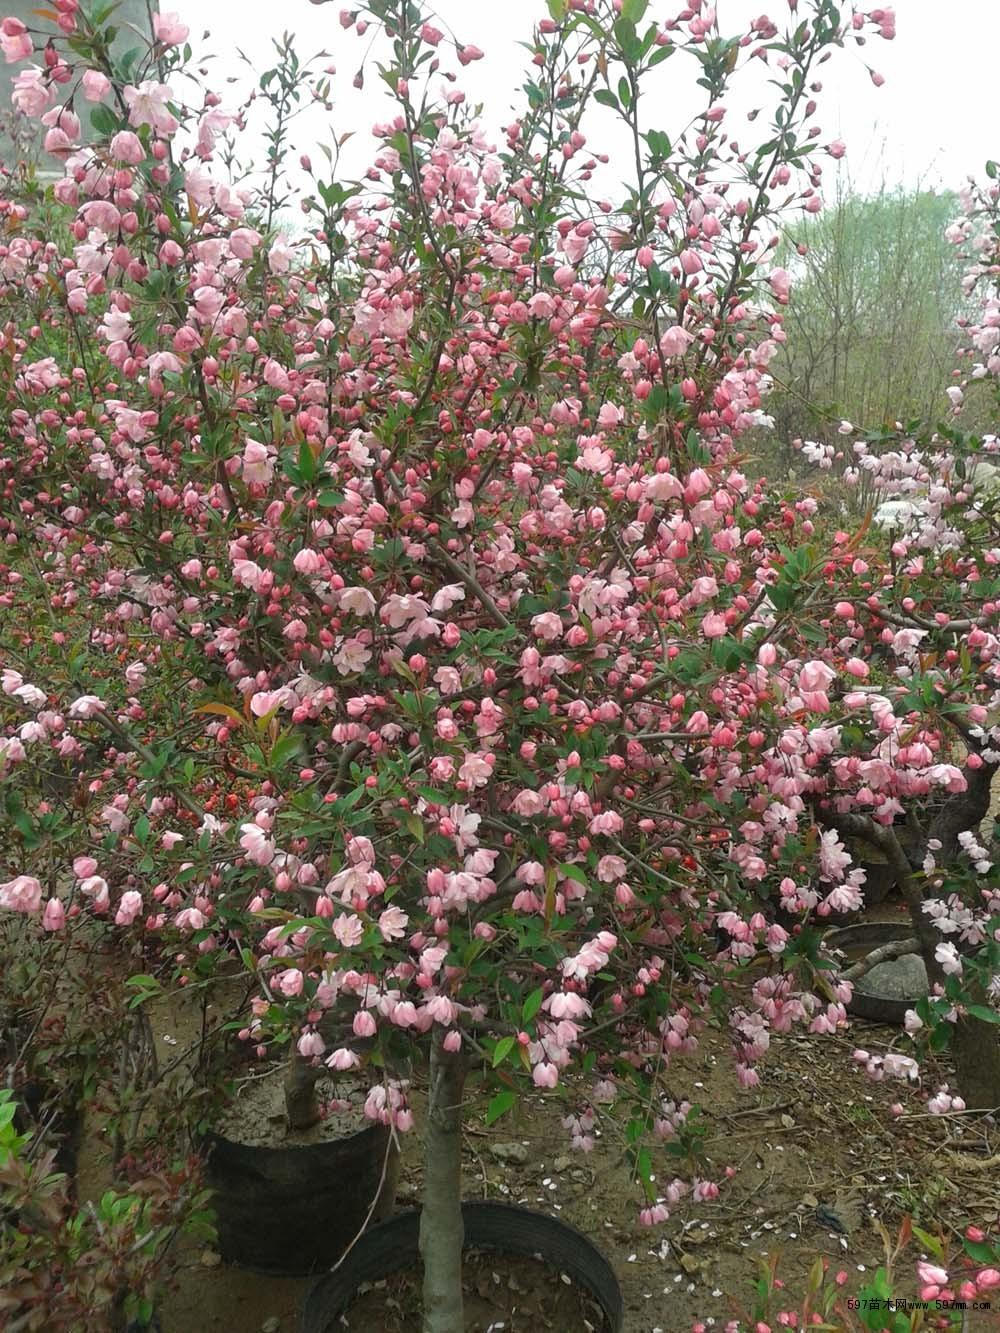 凯达苗木垂丝海棠盆景供应|造型景观|绿化苗木|供应